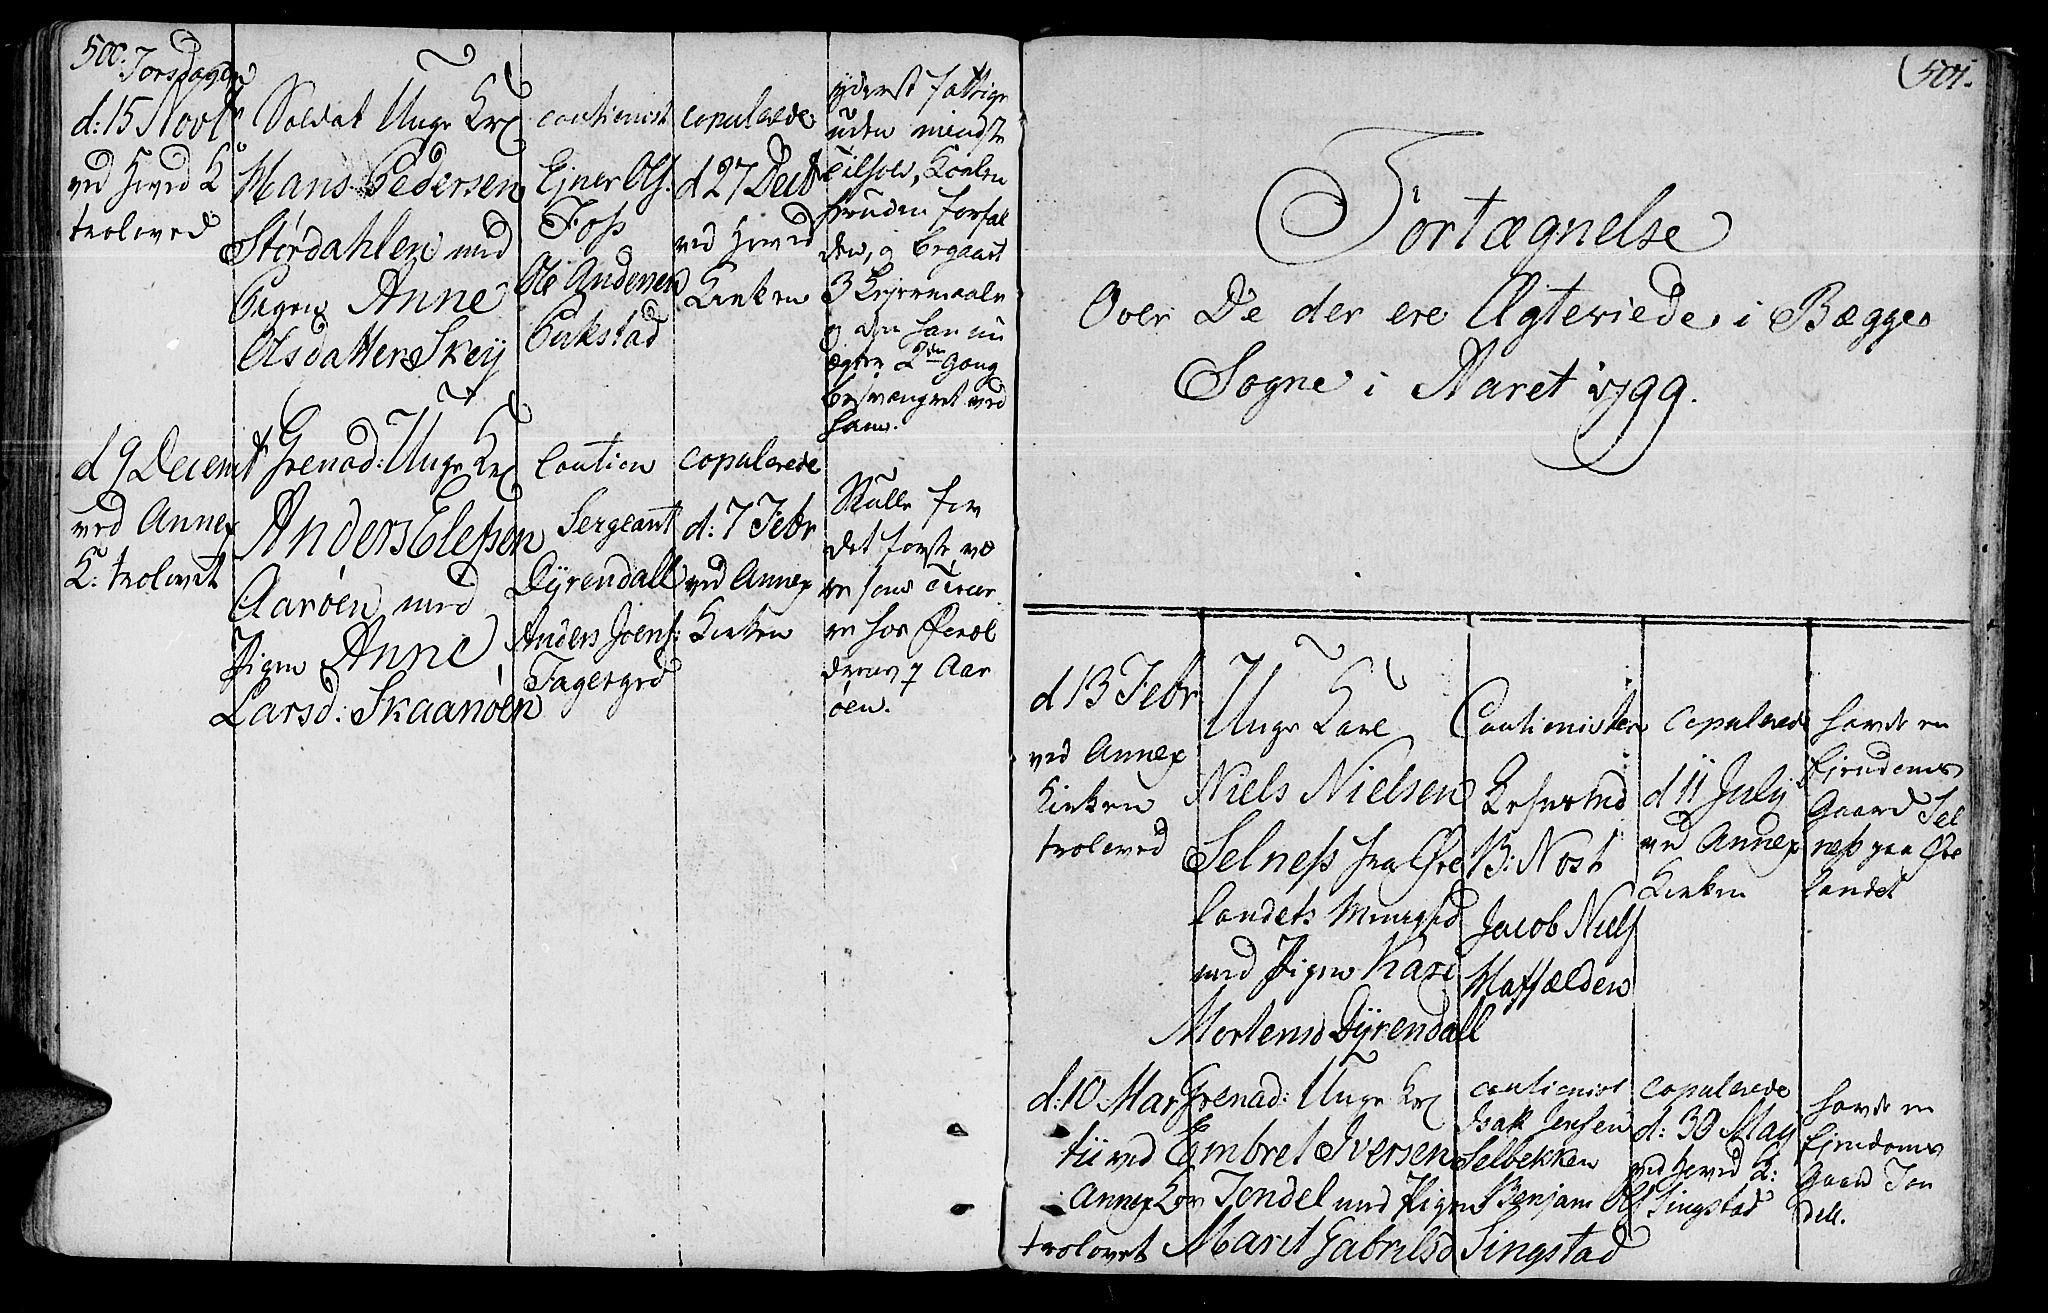 SAT, Ministerialprotokoller, klokkerbøker og fødselsregistre - Sør-Trøndelag, 646/L0606: Ministerialbok nr. 646A04, 1791-1805, s. 500-501